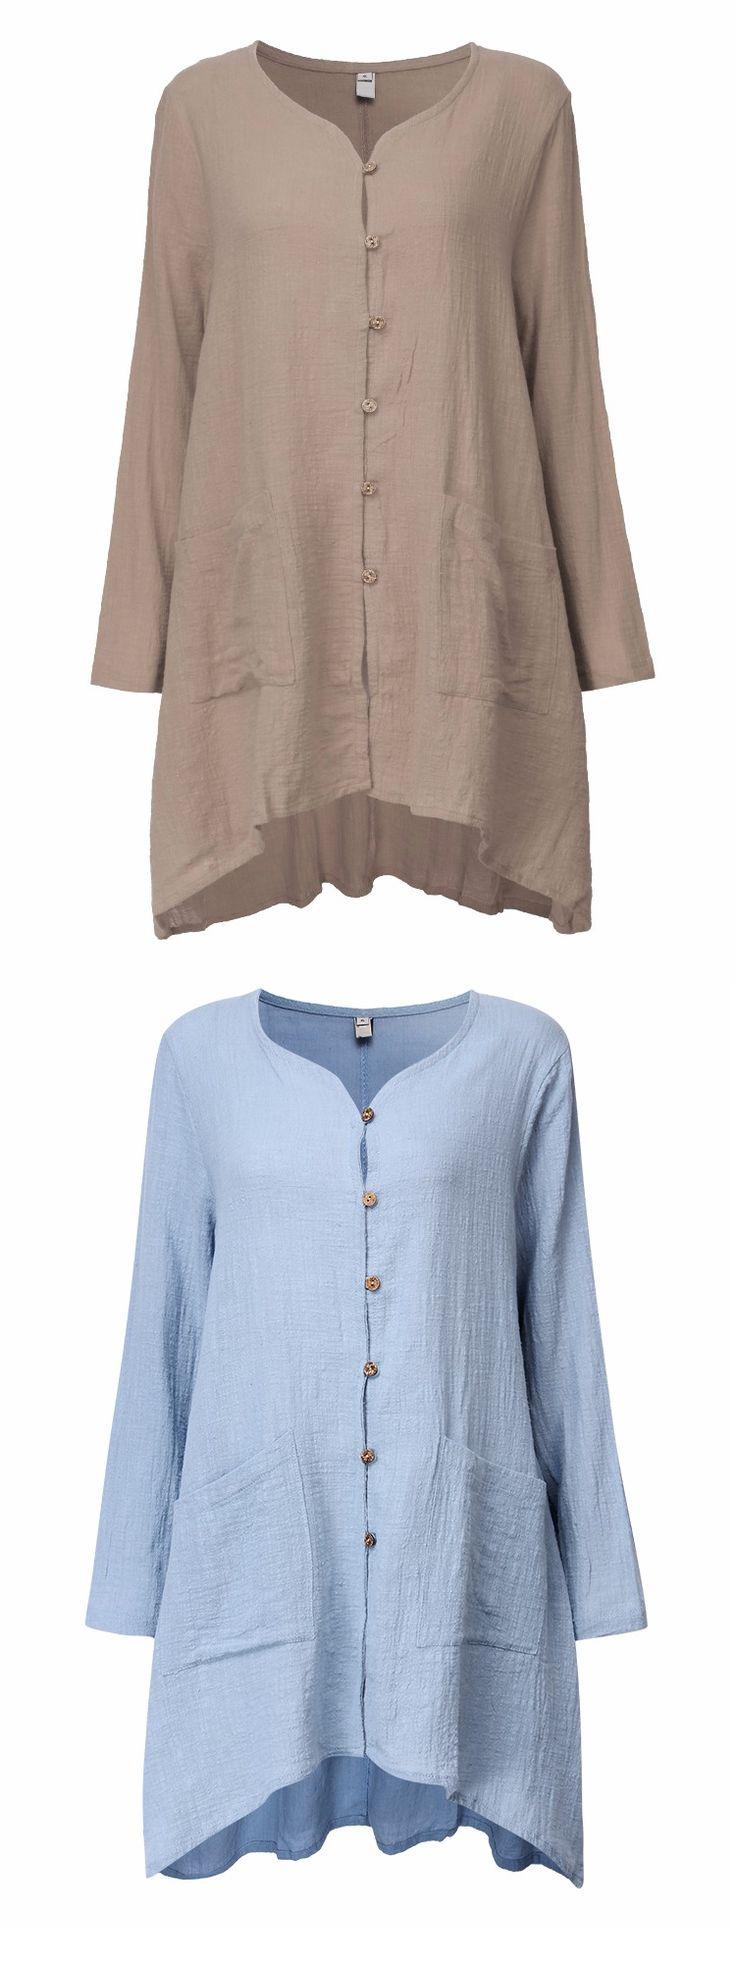 Best 25  Cotton cardigan ideas on Pinterest | Open backs, Tejidos ...